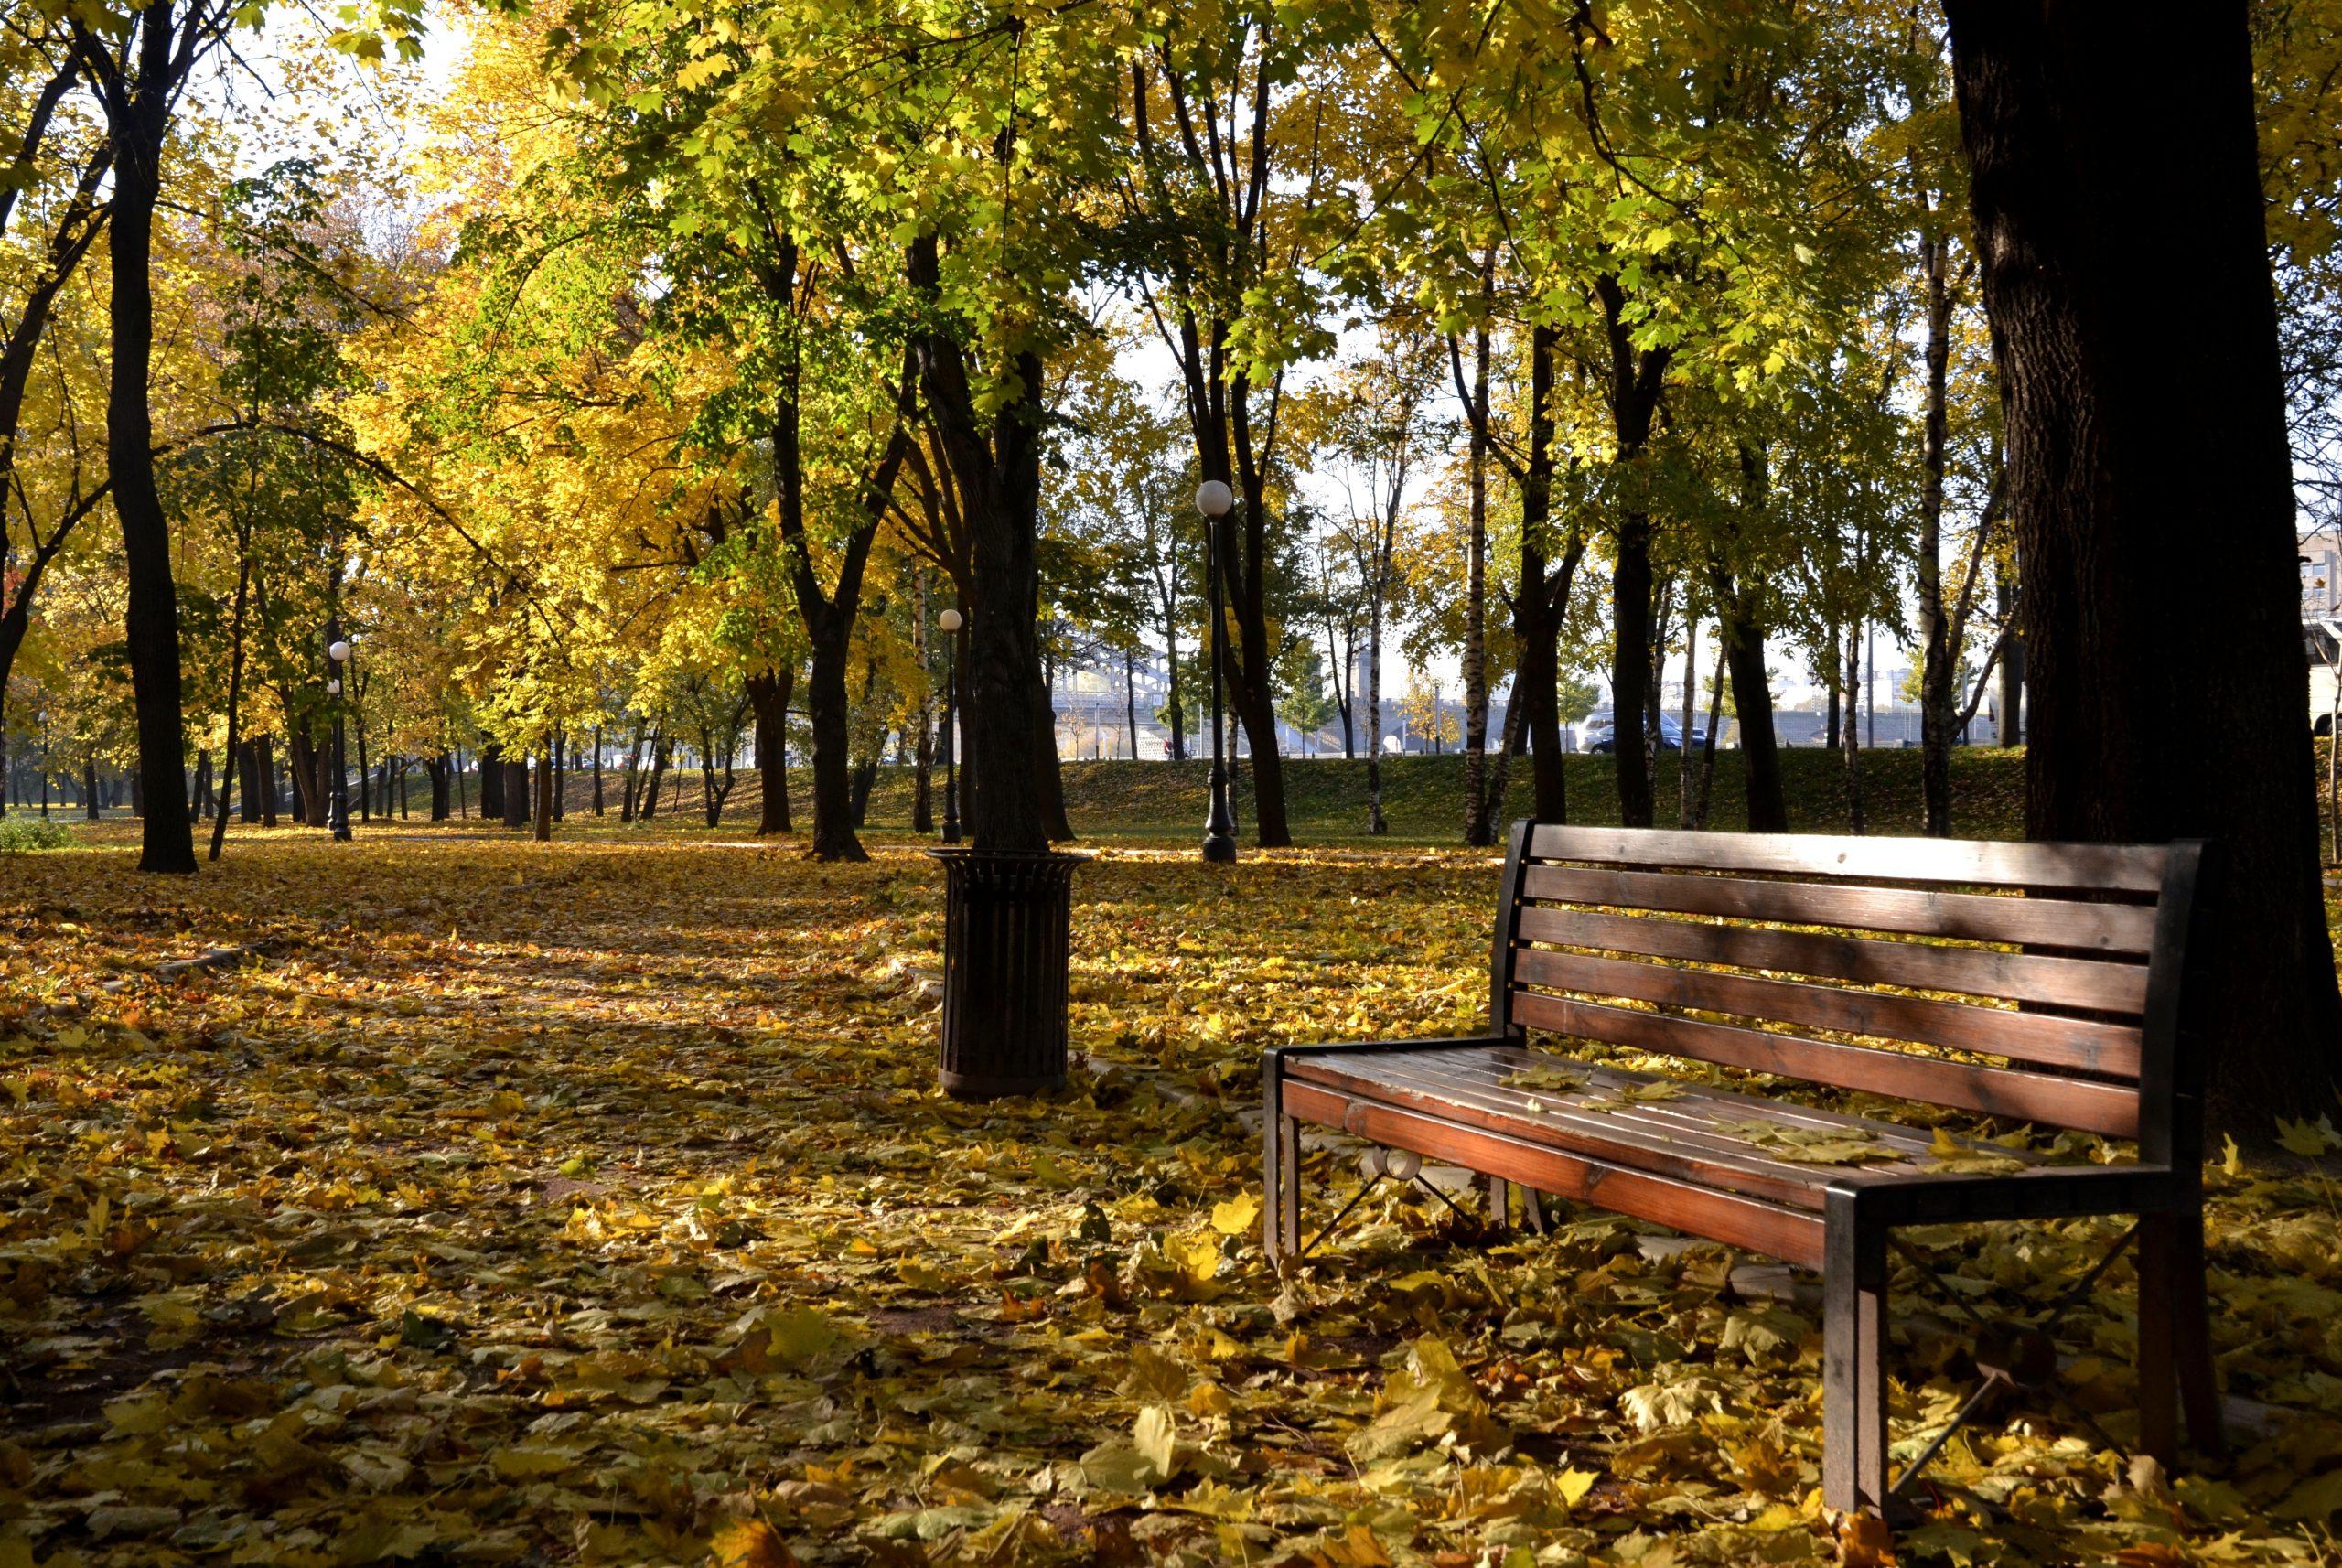 Обрезку деревьев начали проводить в парке села Кленово поселения Кленовское